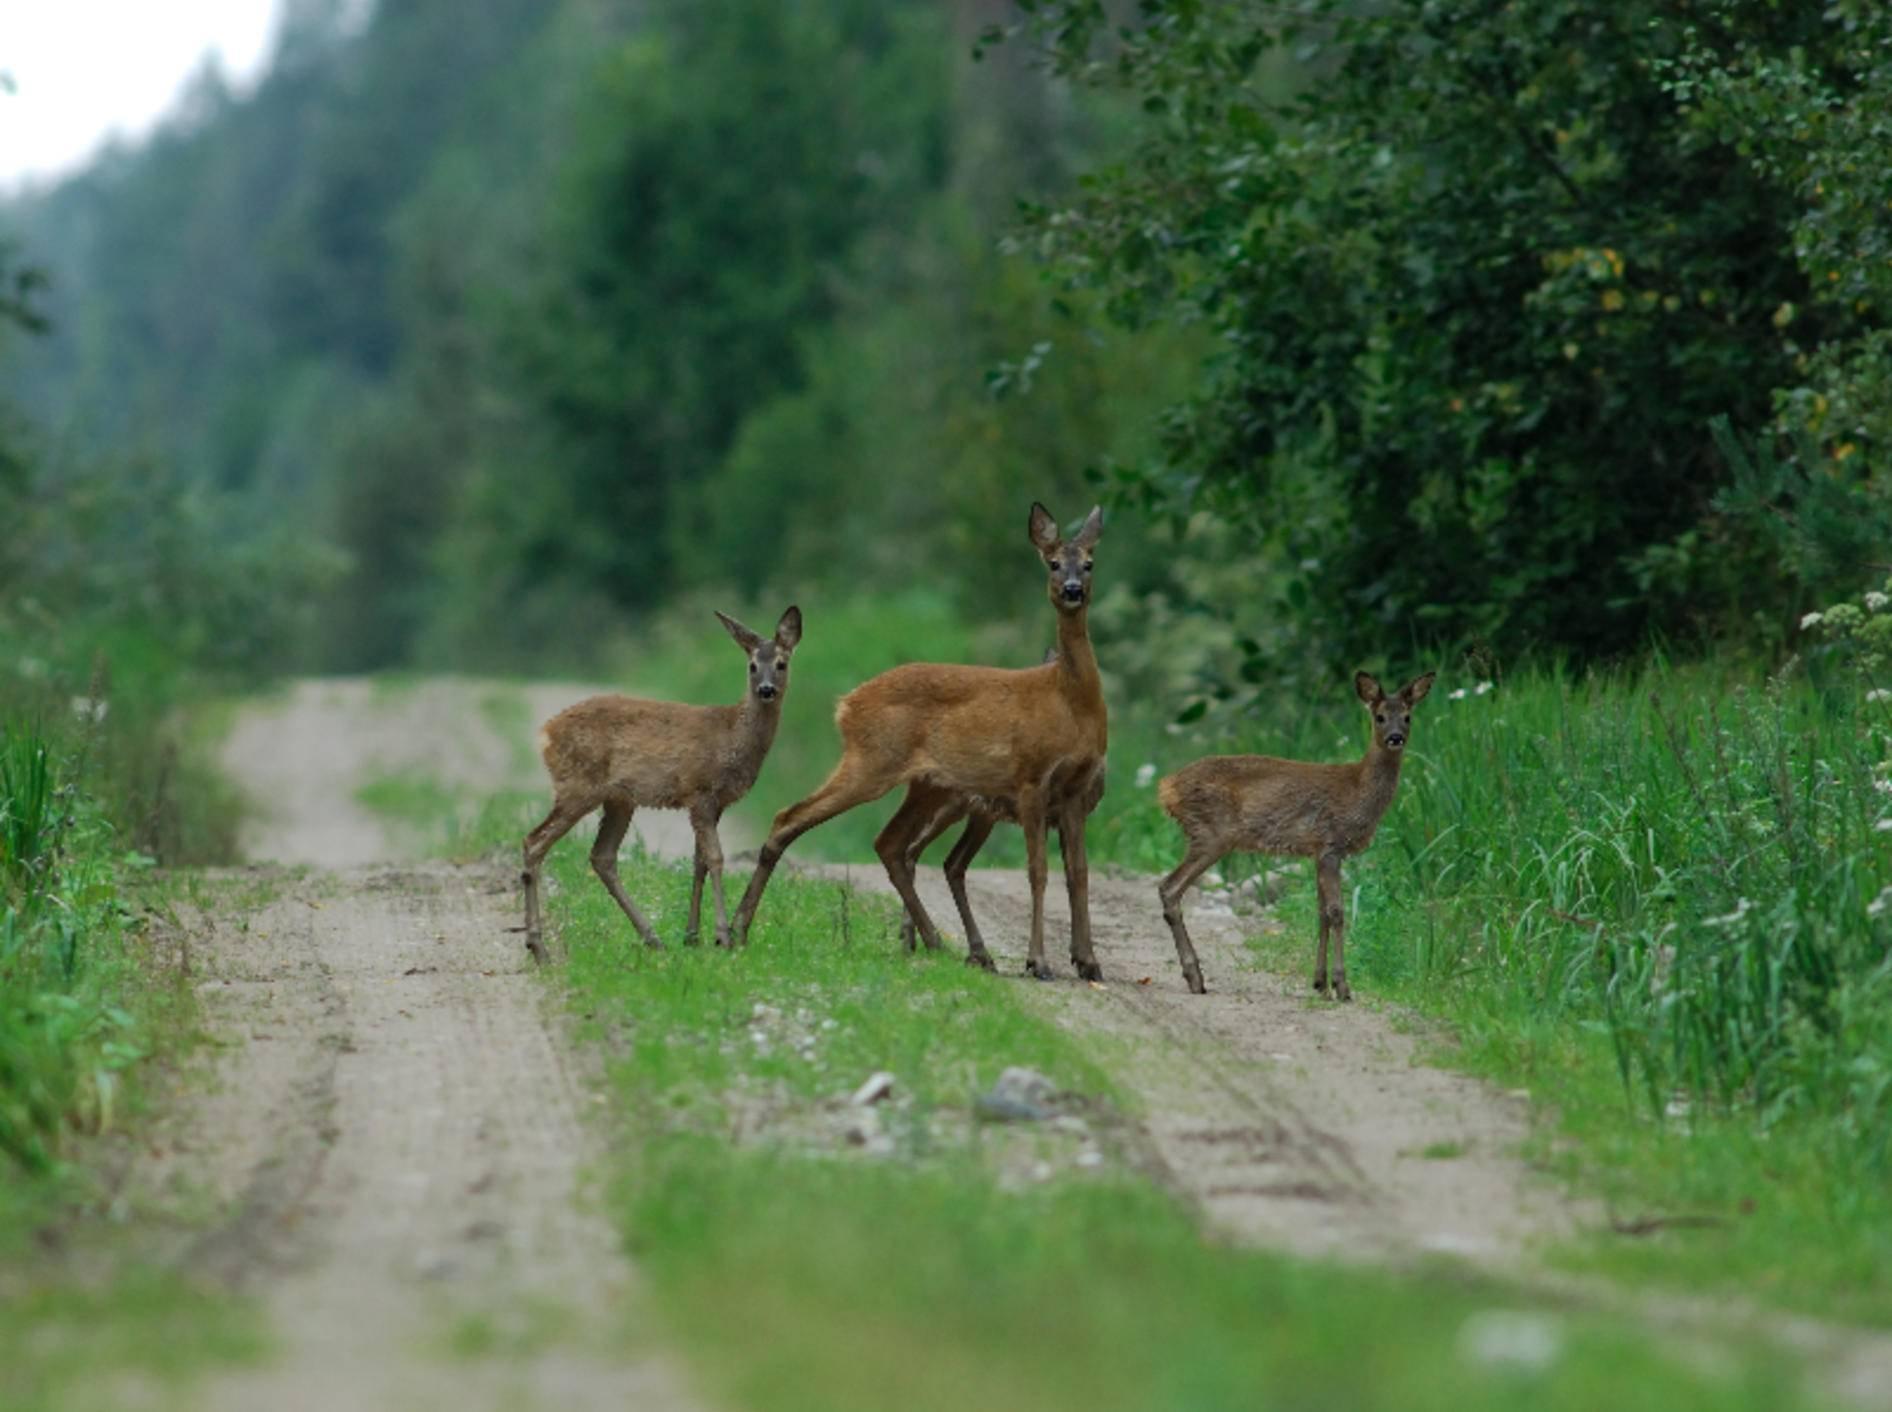 Rehe und andere Wildtiere treiben sich vor allem an Wald- und Feldrändern herum – Shutterstock / Erik Mandre